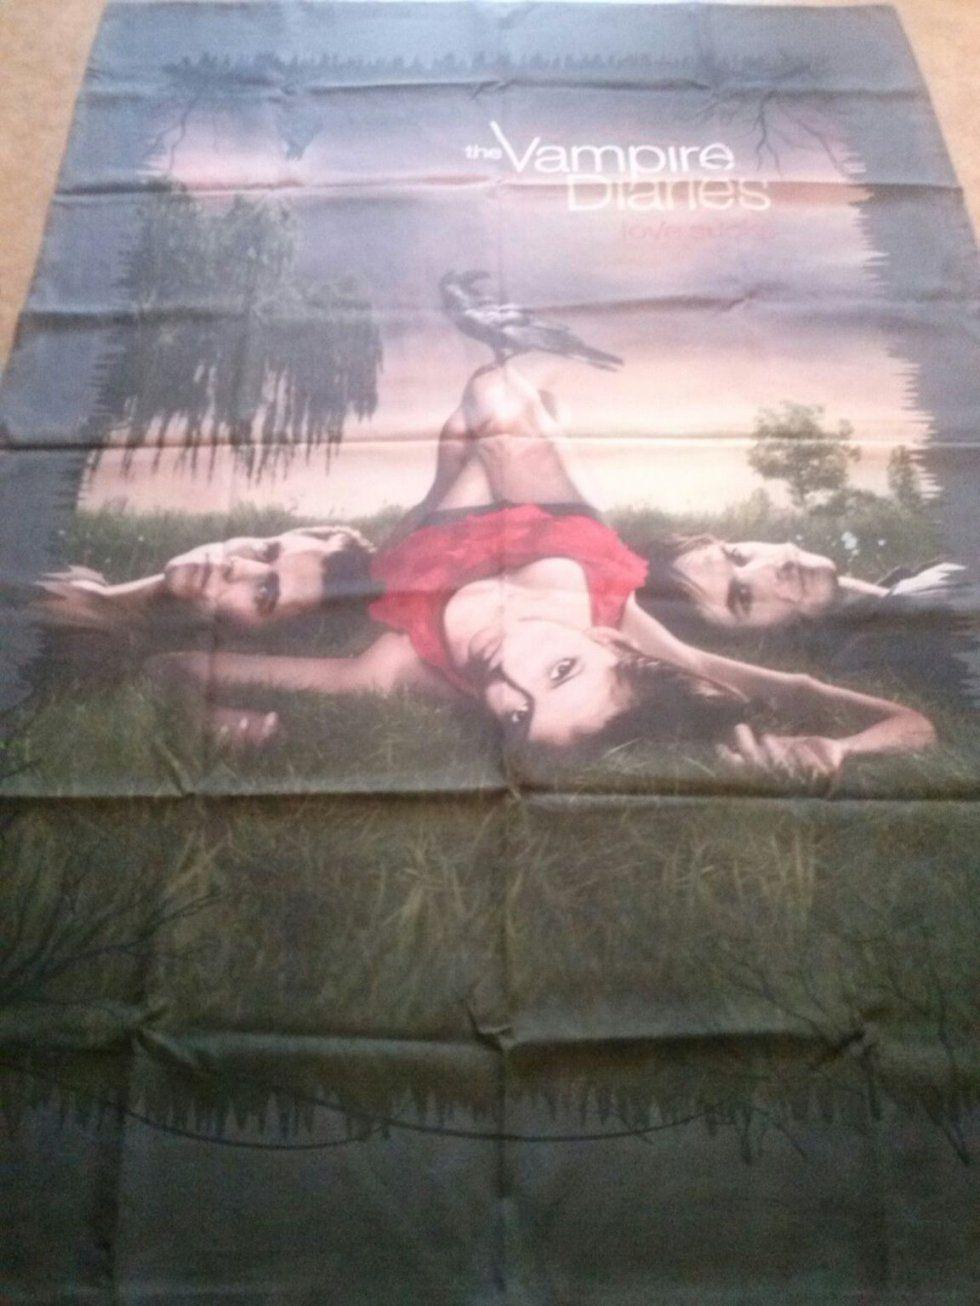 Gebraucht The Vampire Diaries Bettwäsche Decke+Kissen In 76275 von The Vampire Diaries Bettwäsche Photo